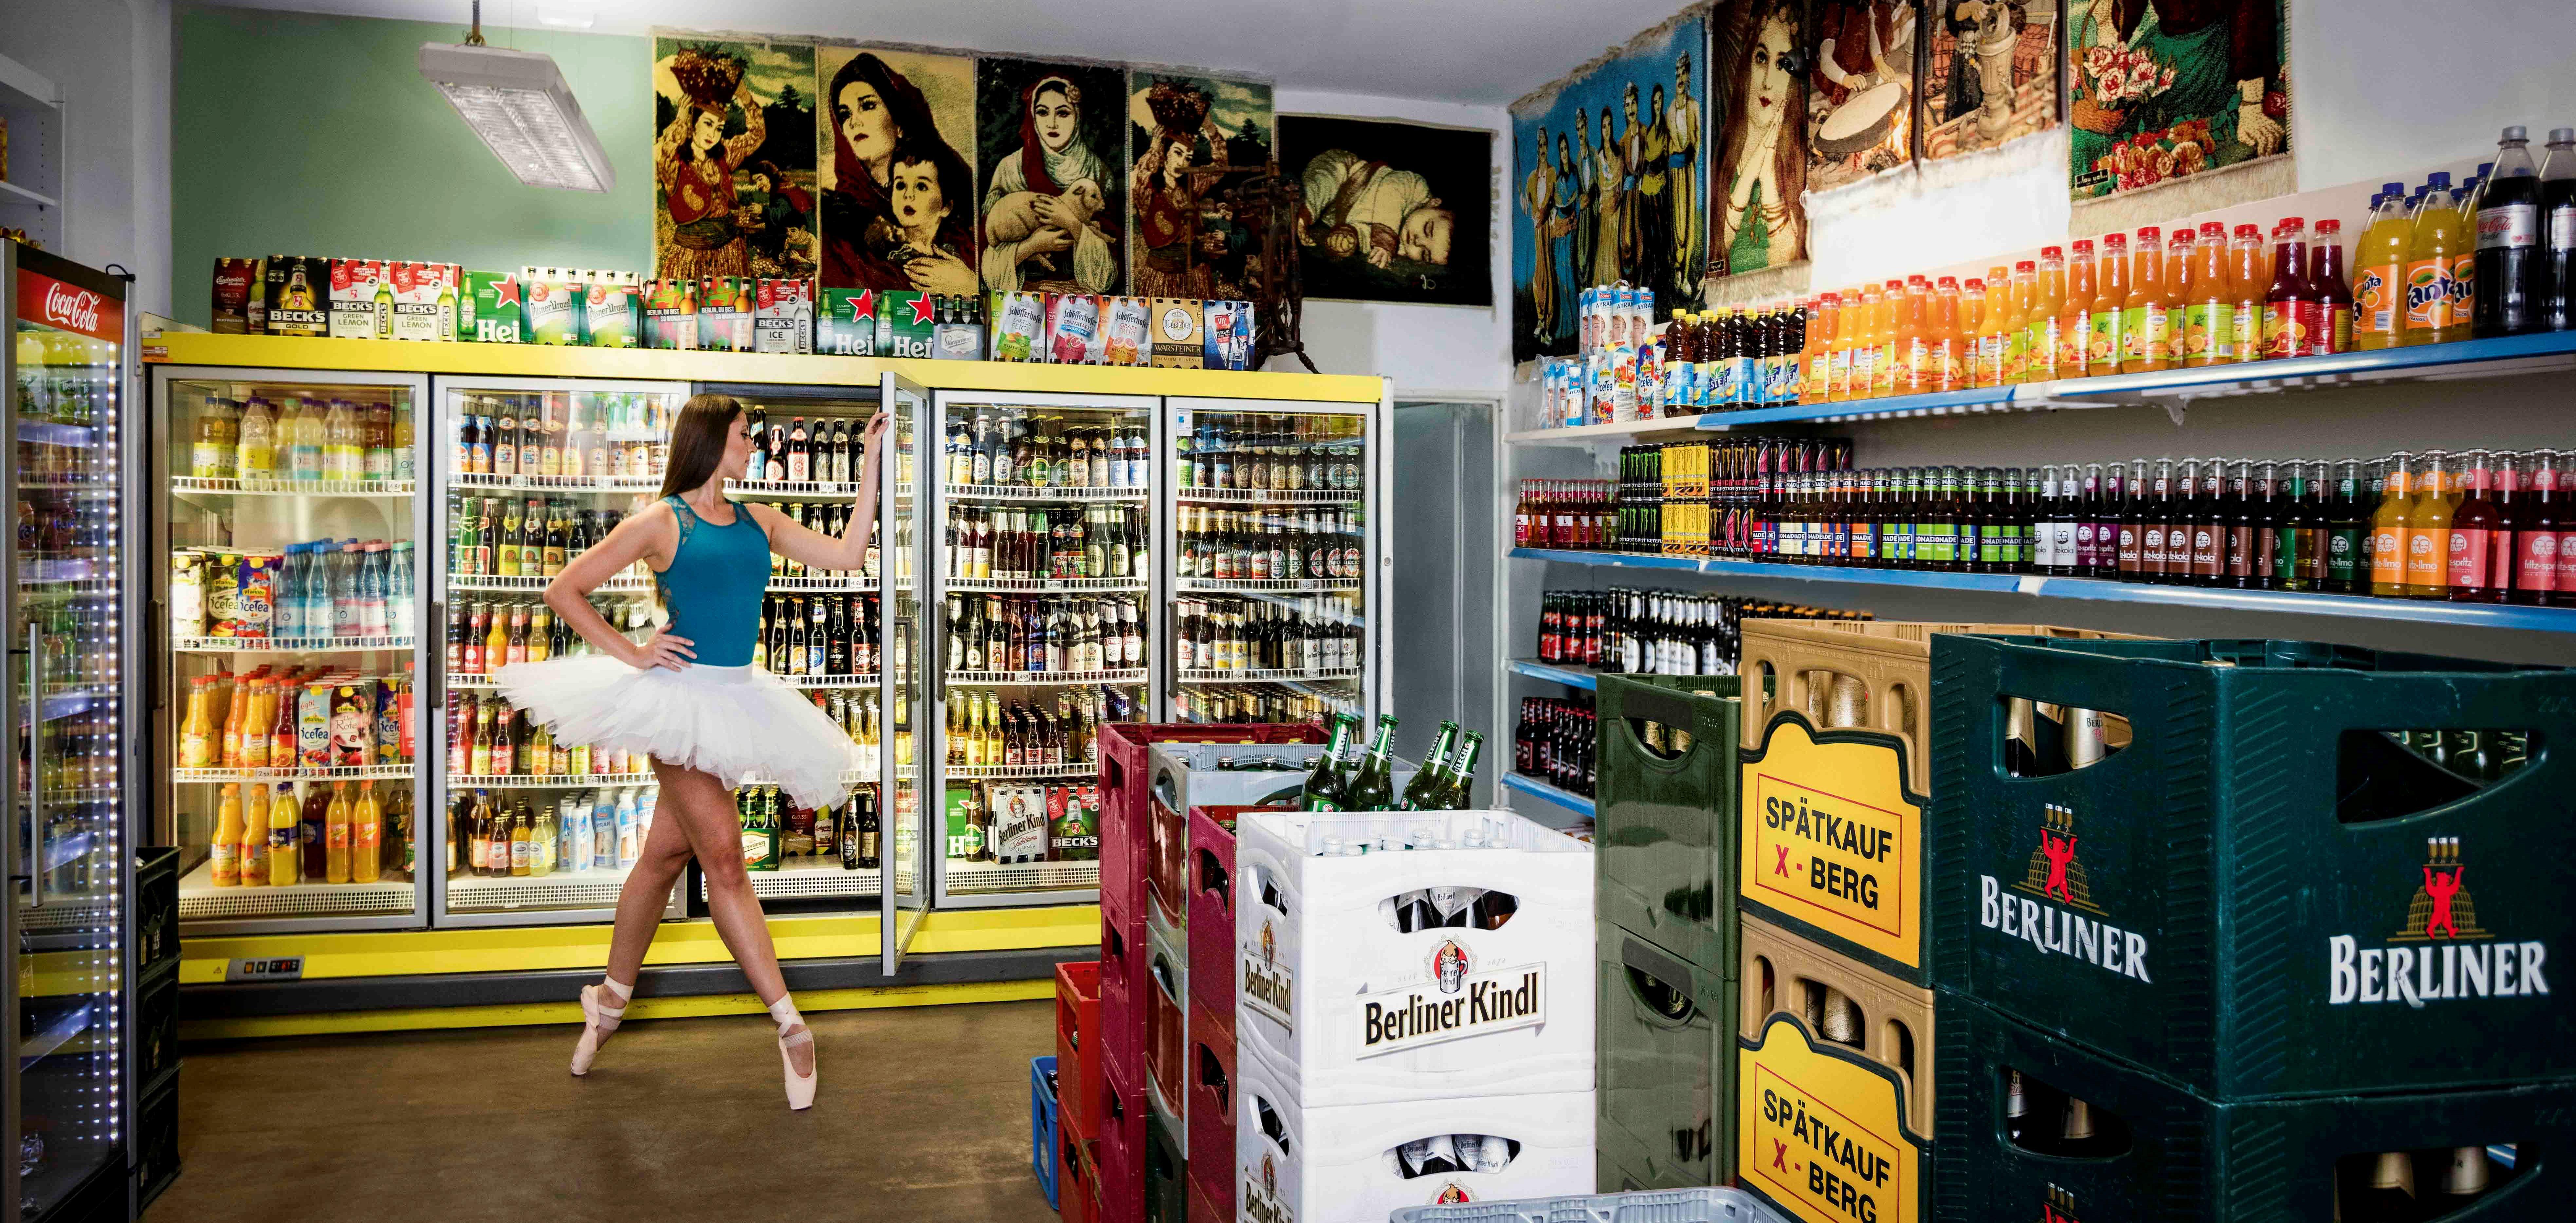 """Fotoprojekt """"Stages of Berlin"""" mit Ballett-Tänzerinnen in Berlin von Fotograf und Filmer Gero Breloer. November 2016: Ekaterina Herber steht im X-Berg Späti auf der Skalitzer Straße 52 (Ortsteil Kreuzberg) an den Kühlschränken unter kurdischen Wandteppichen von Späti-Besitzer Diyari. Schätzungen zufolge gibt es mehr als 1000 Spätverkaufsstellen in Berlin, die außerhalb der üblichen Ladenöffnungszeiten geöffnet sind. Foto: Gero Breloer www.breloer.com"""